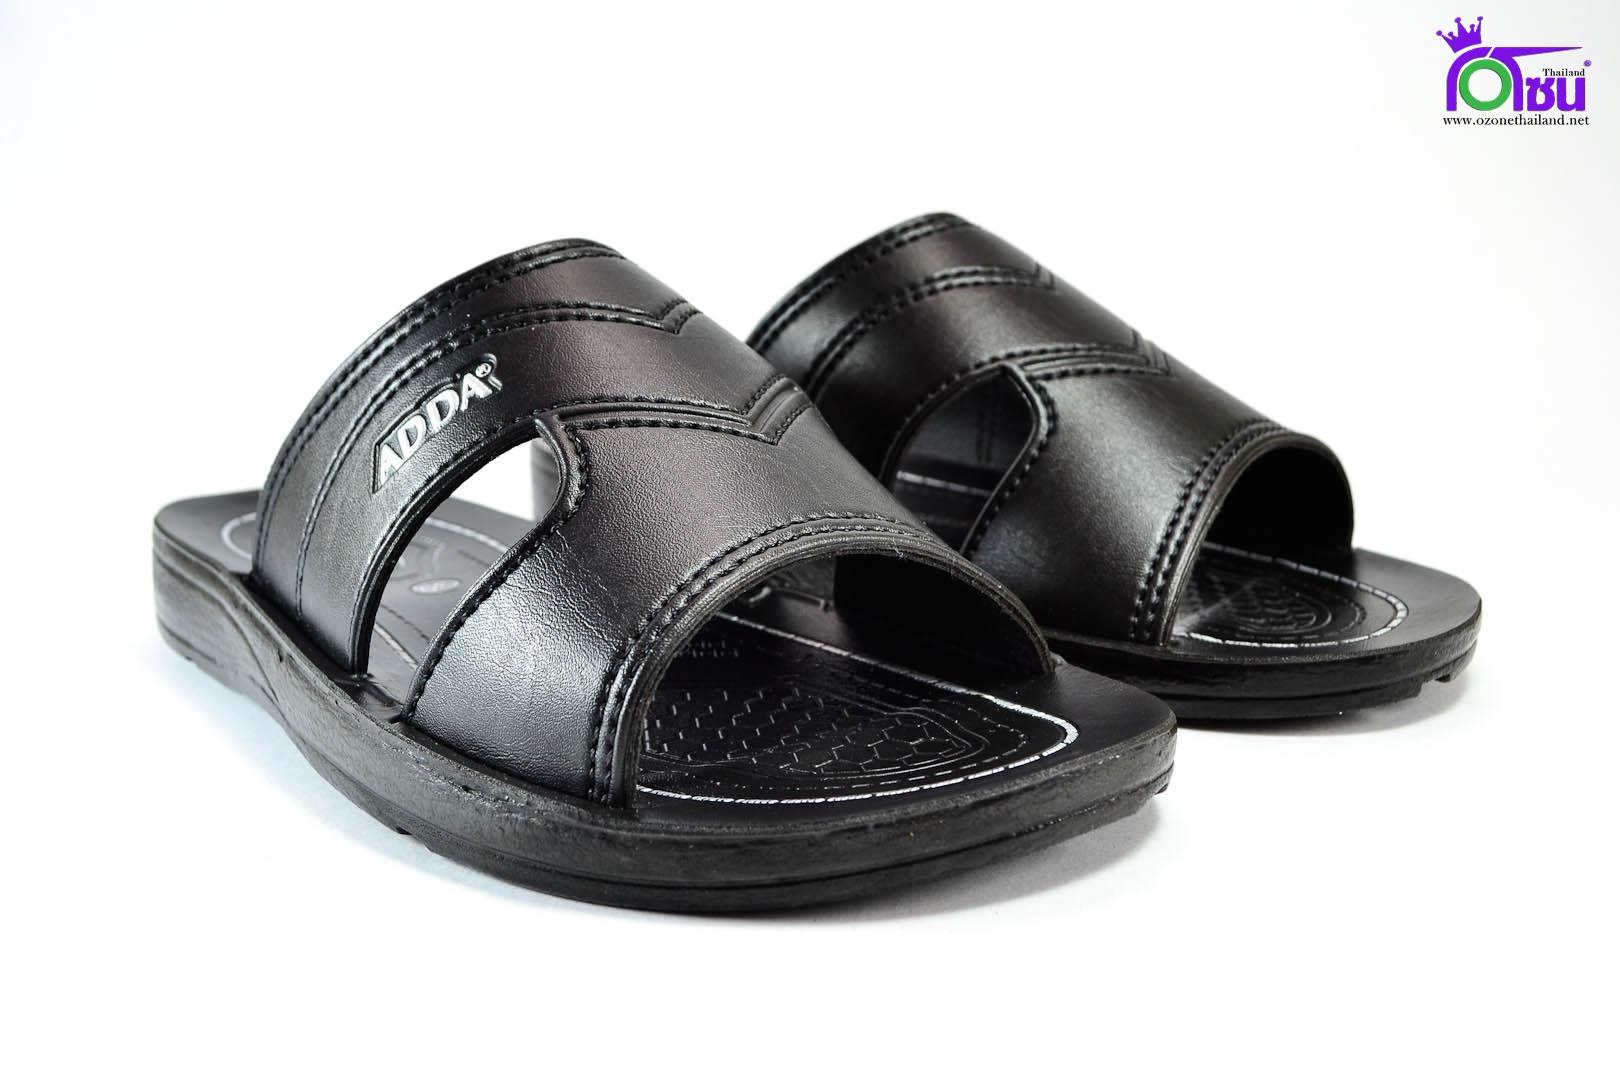 รองเท้าหนัง Adda 7F31 ดำ 39-43